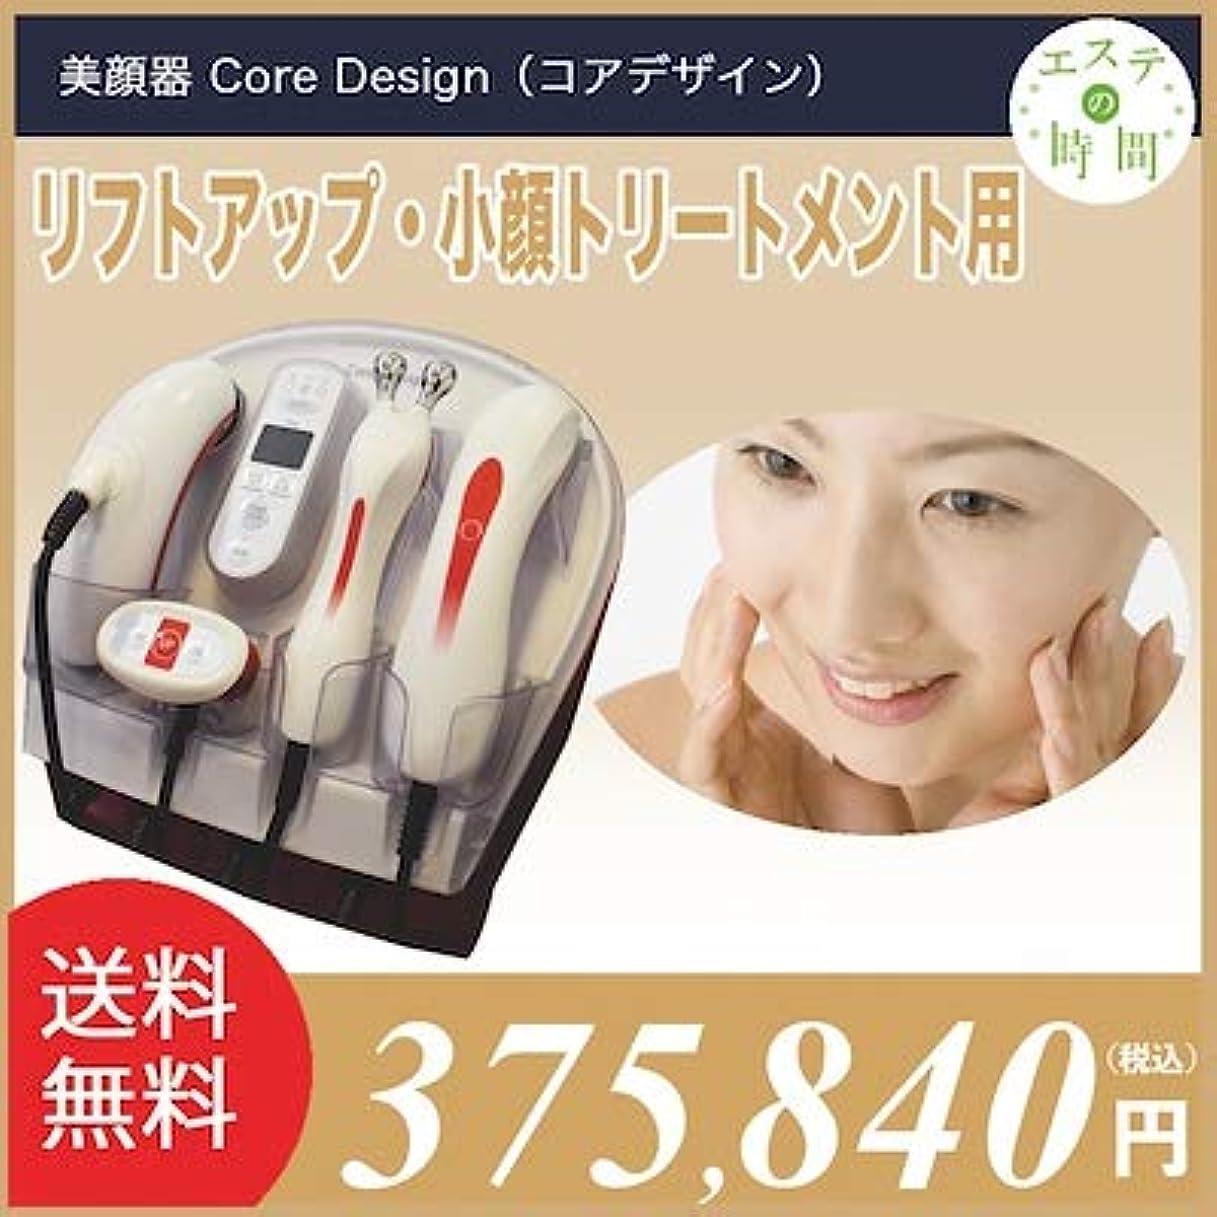 光クラシカル落胆する日本製 エステ業務用 美顔器 Core Design (コアデザイン)/ 全国どこでも無償納品研修付